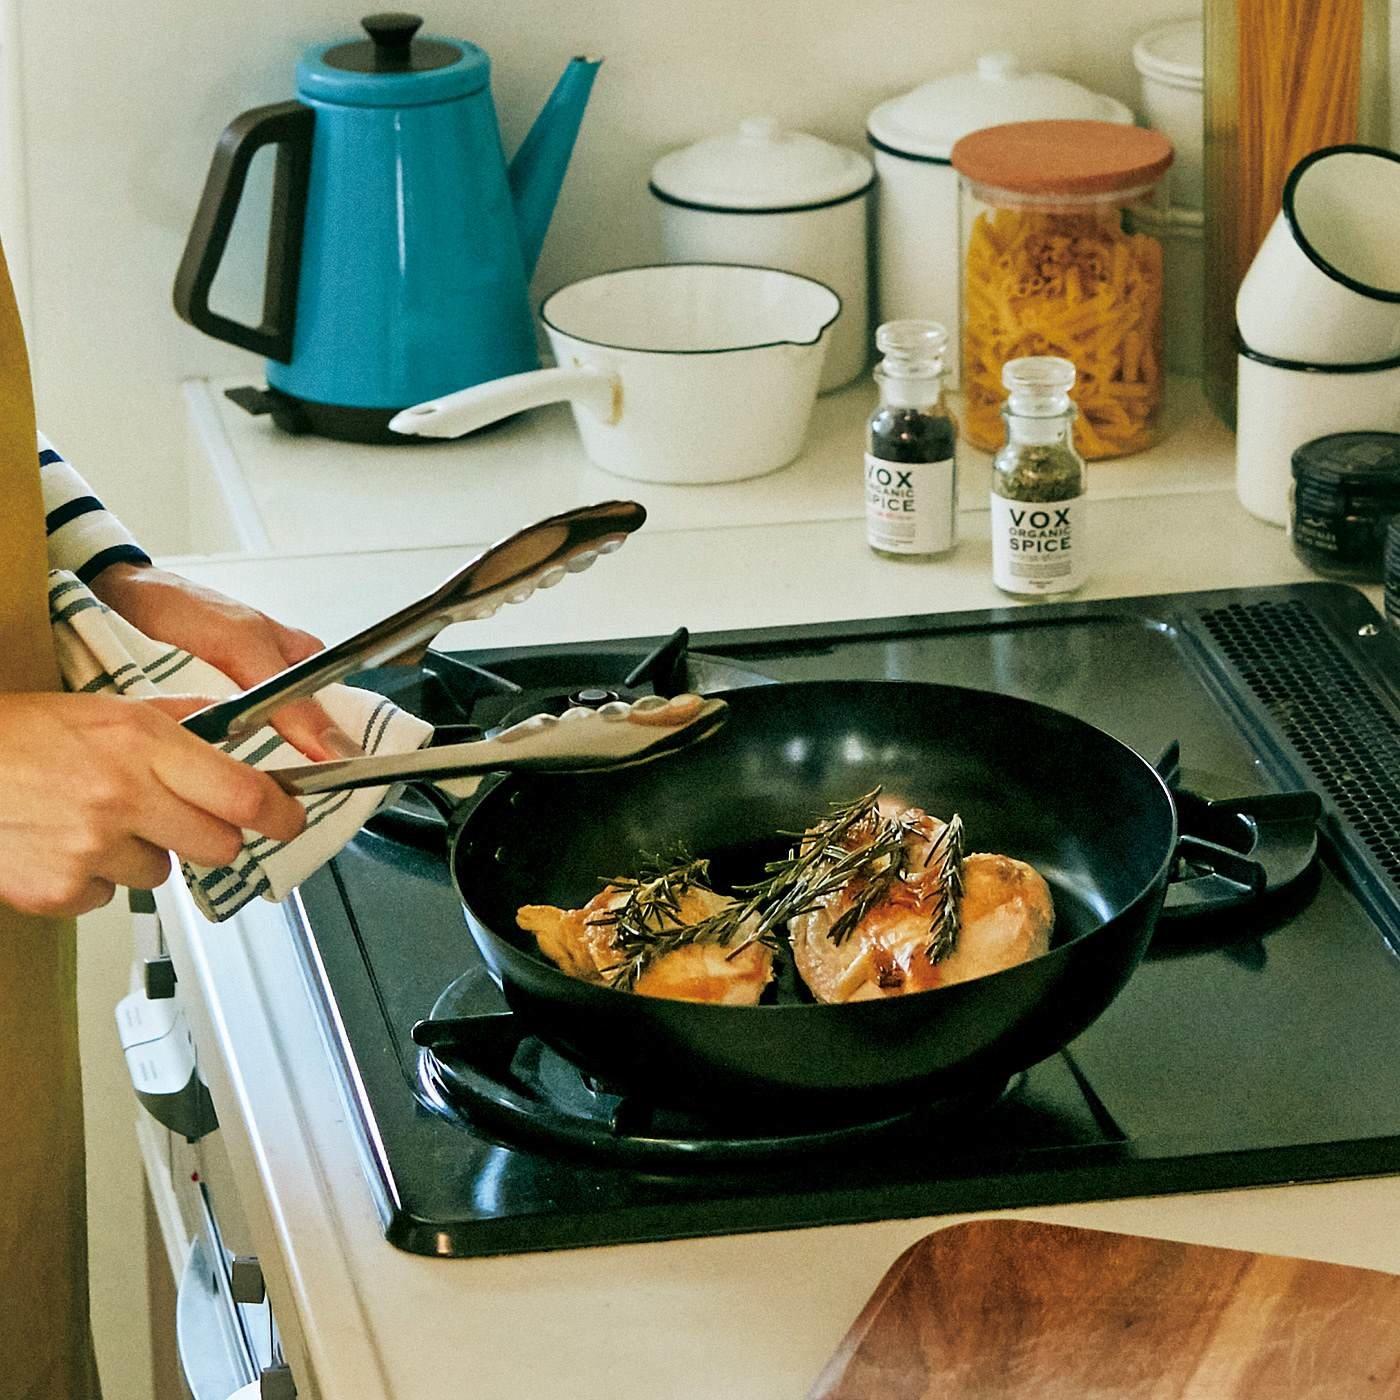 さびに強いブルーテンパー材で作った そのままオーブンに入れられる深めの鉄フライパン〈26cm〉